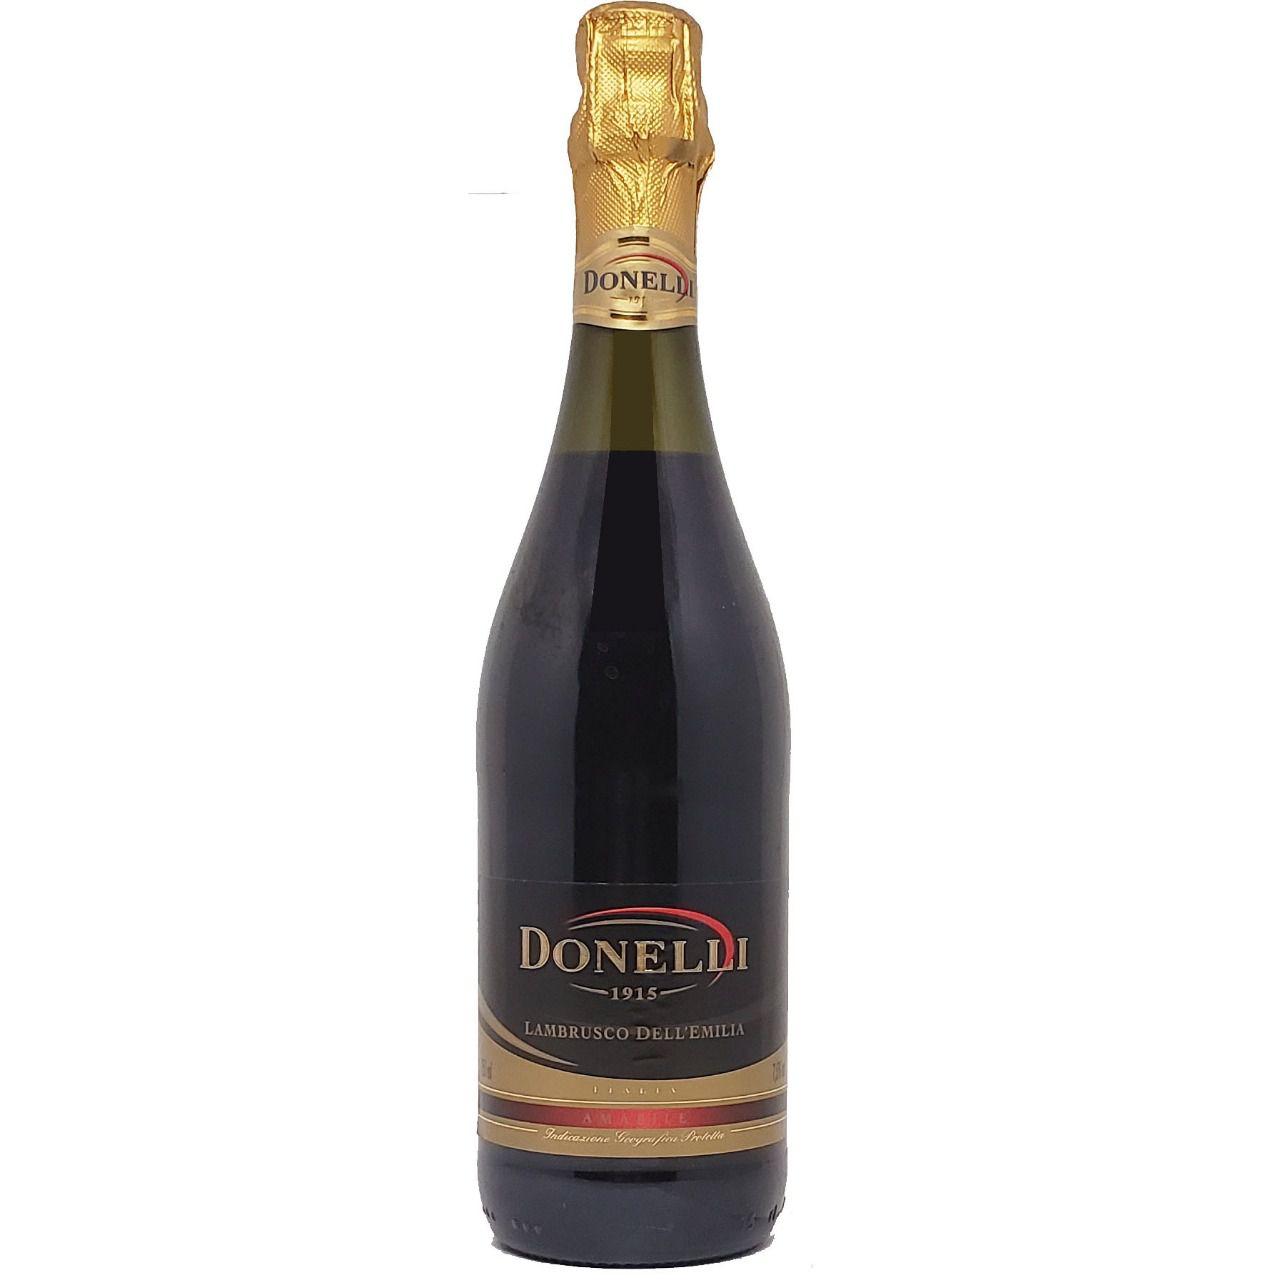 Vinho Frisante Lambrusco Tinto Dell'Emilia Donelli  -750ml -